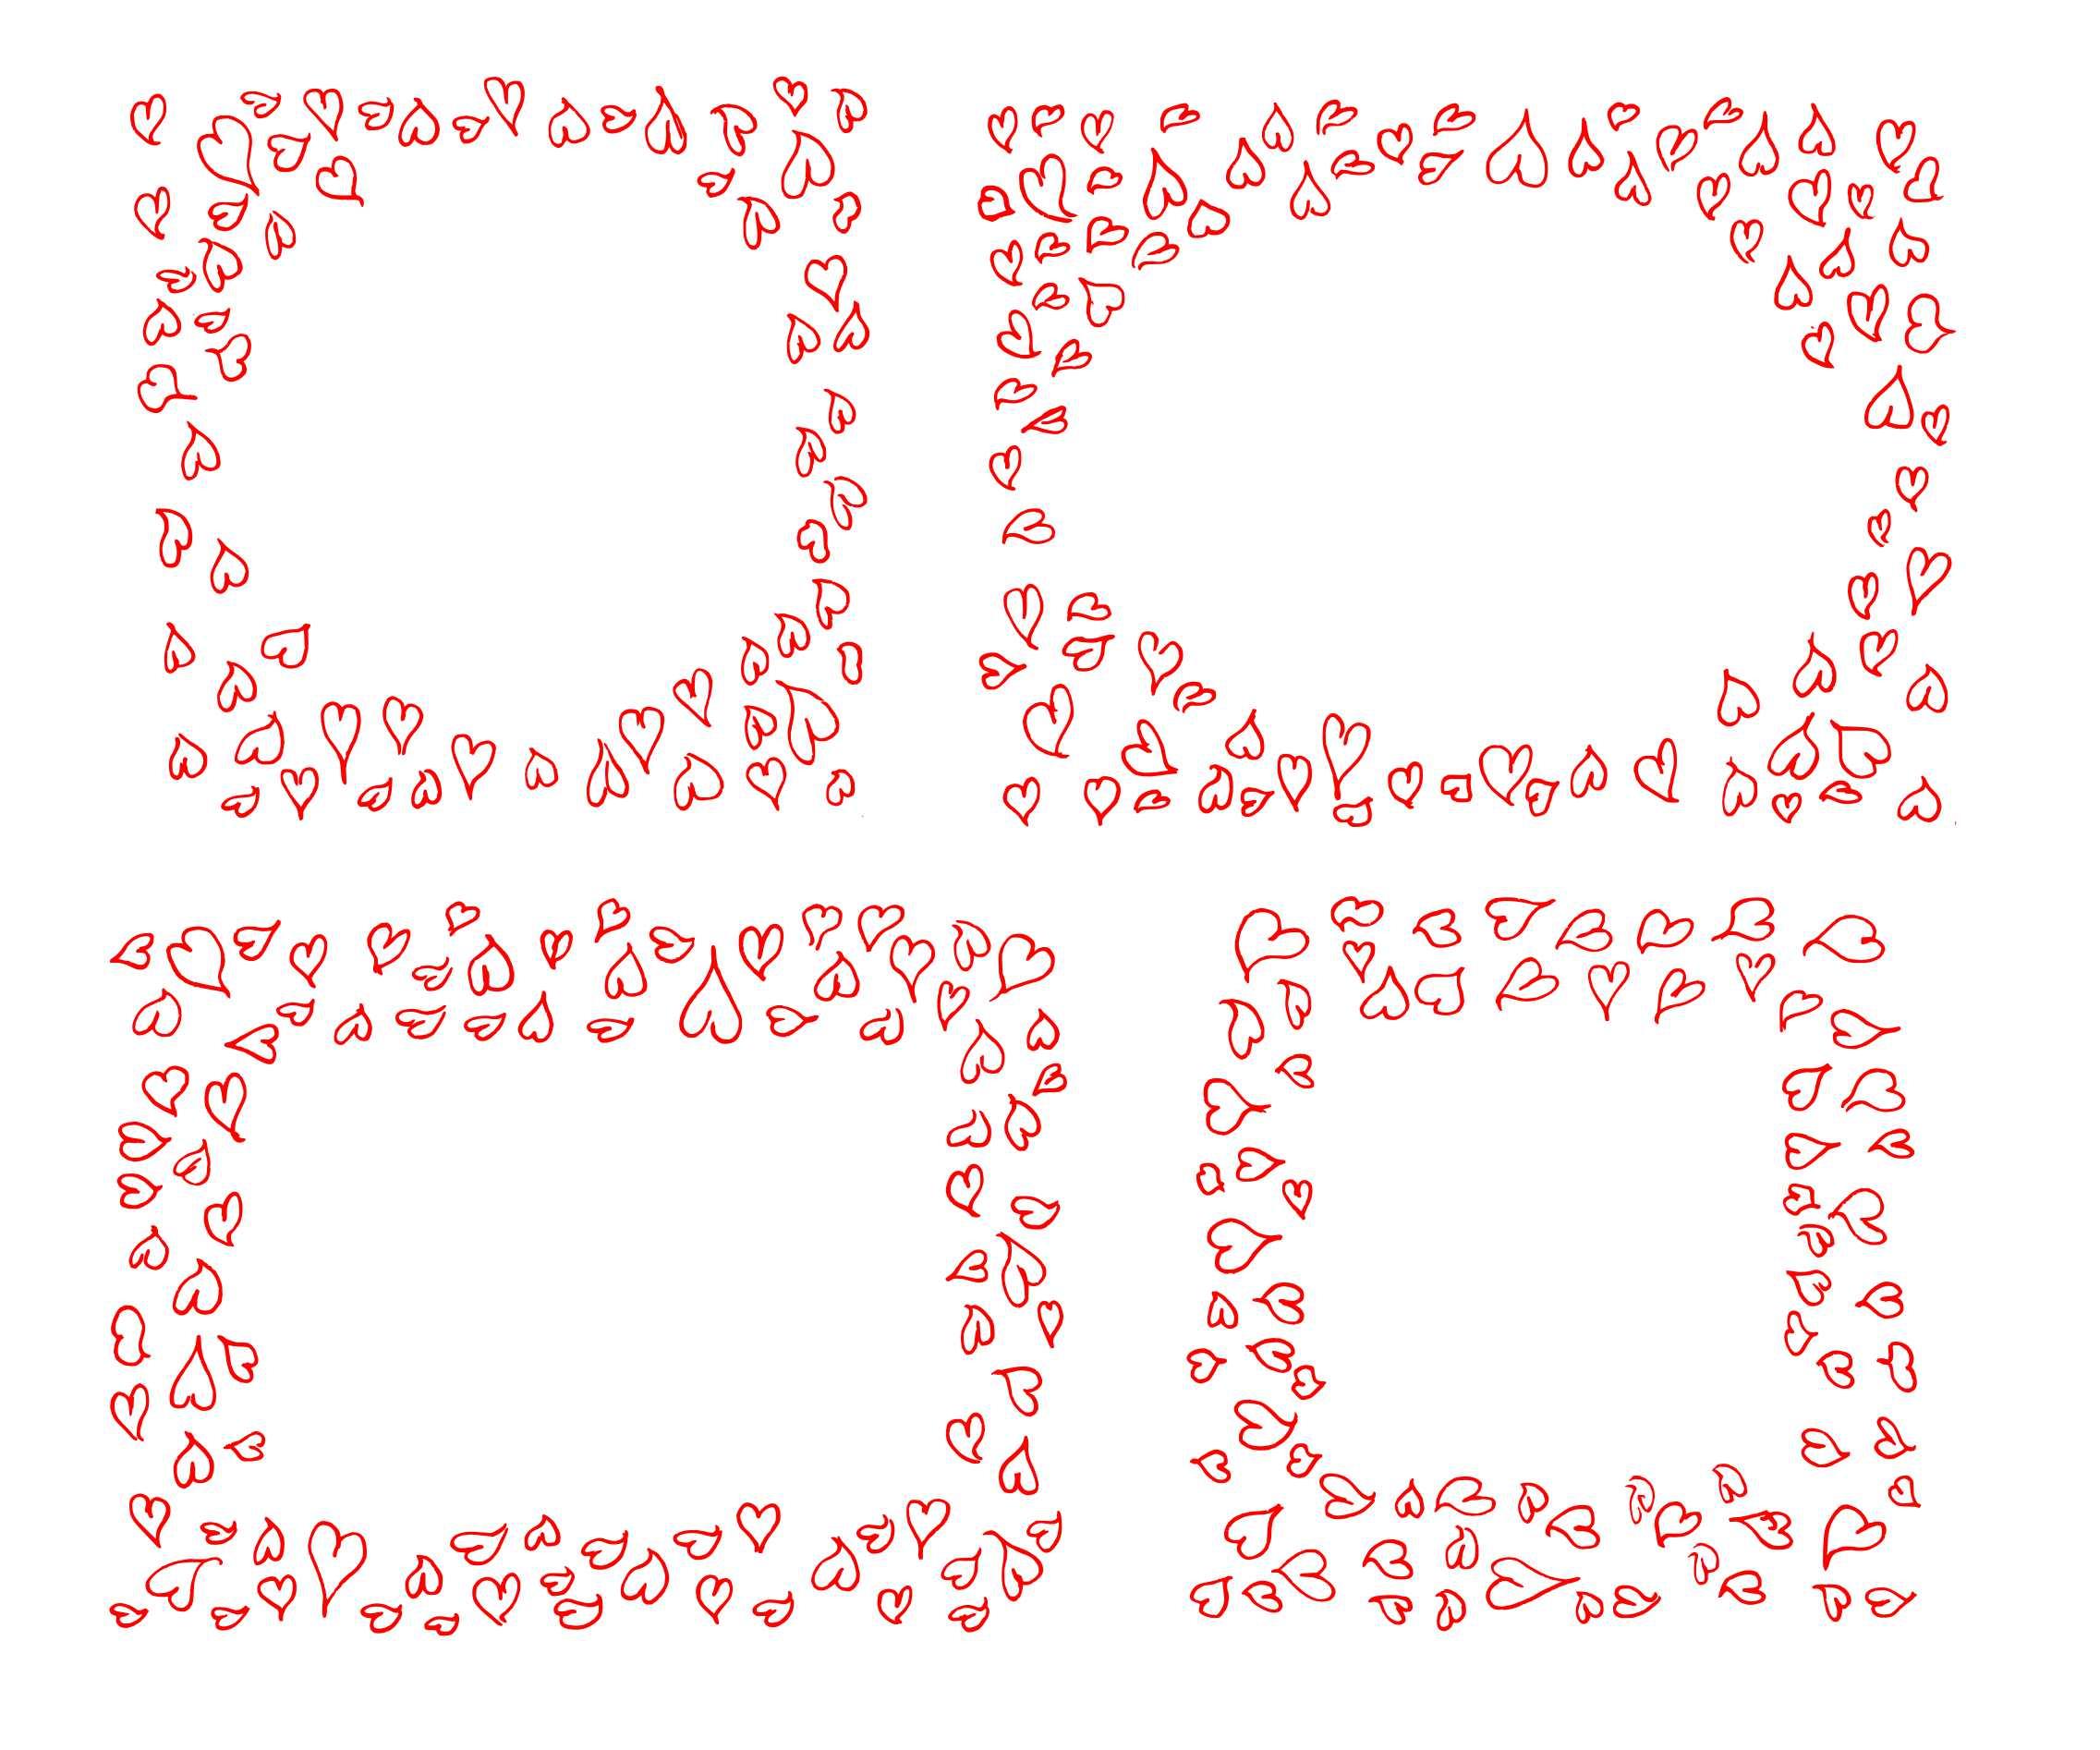 heart-doodle-frame-cover-1.jpg